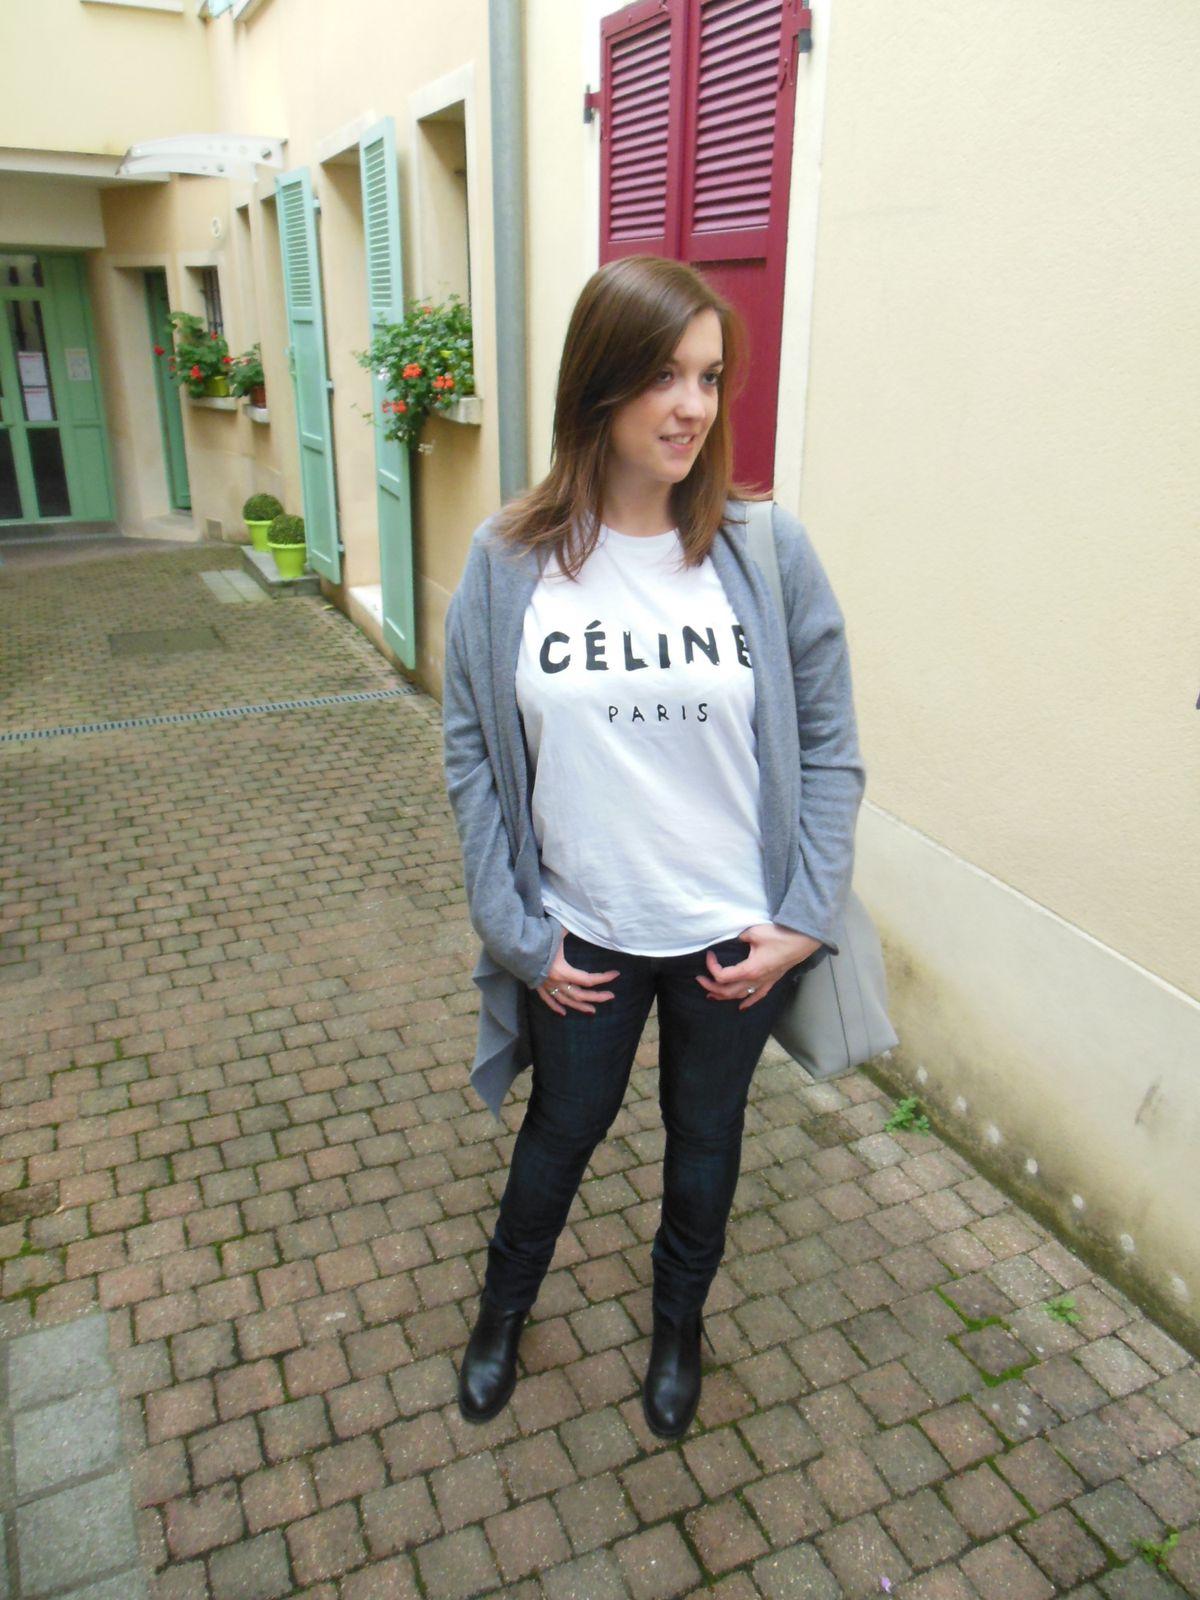 Gilet - Les Petites... /// T-shirt - Etsy /// Jean - H&M /// Pistols Boots - Acne /// Legacy bag - Coach